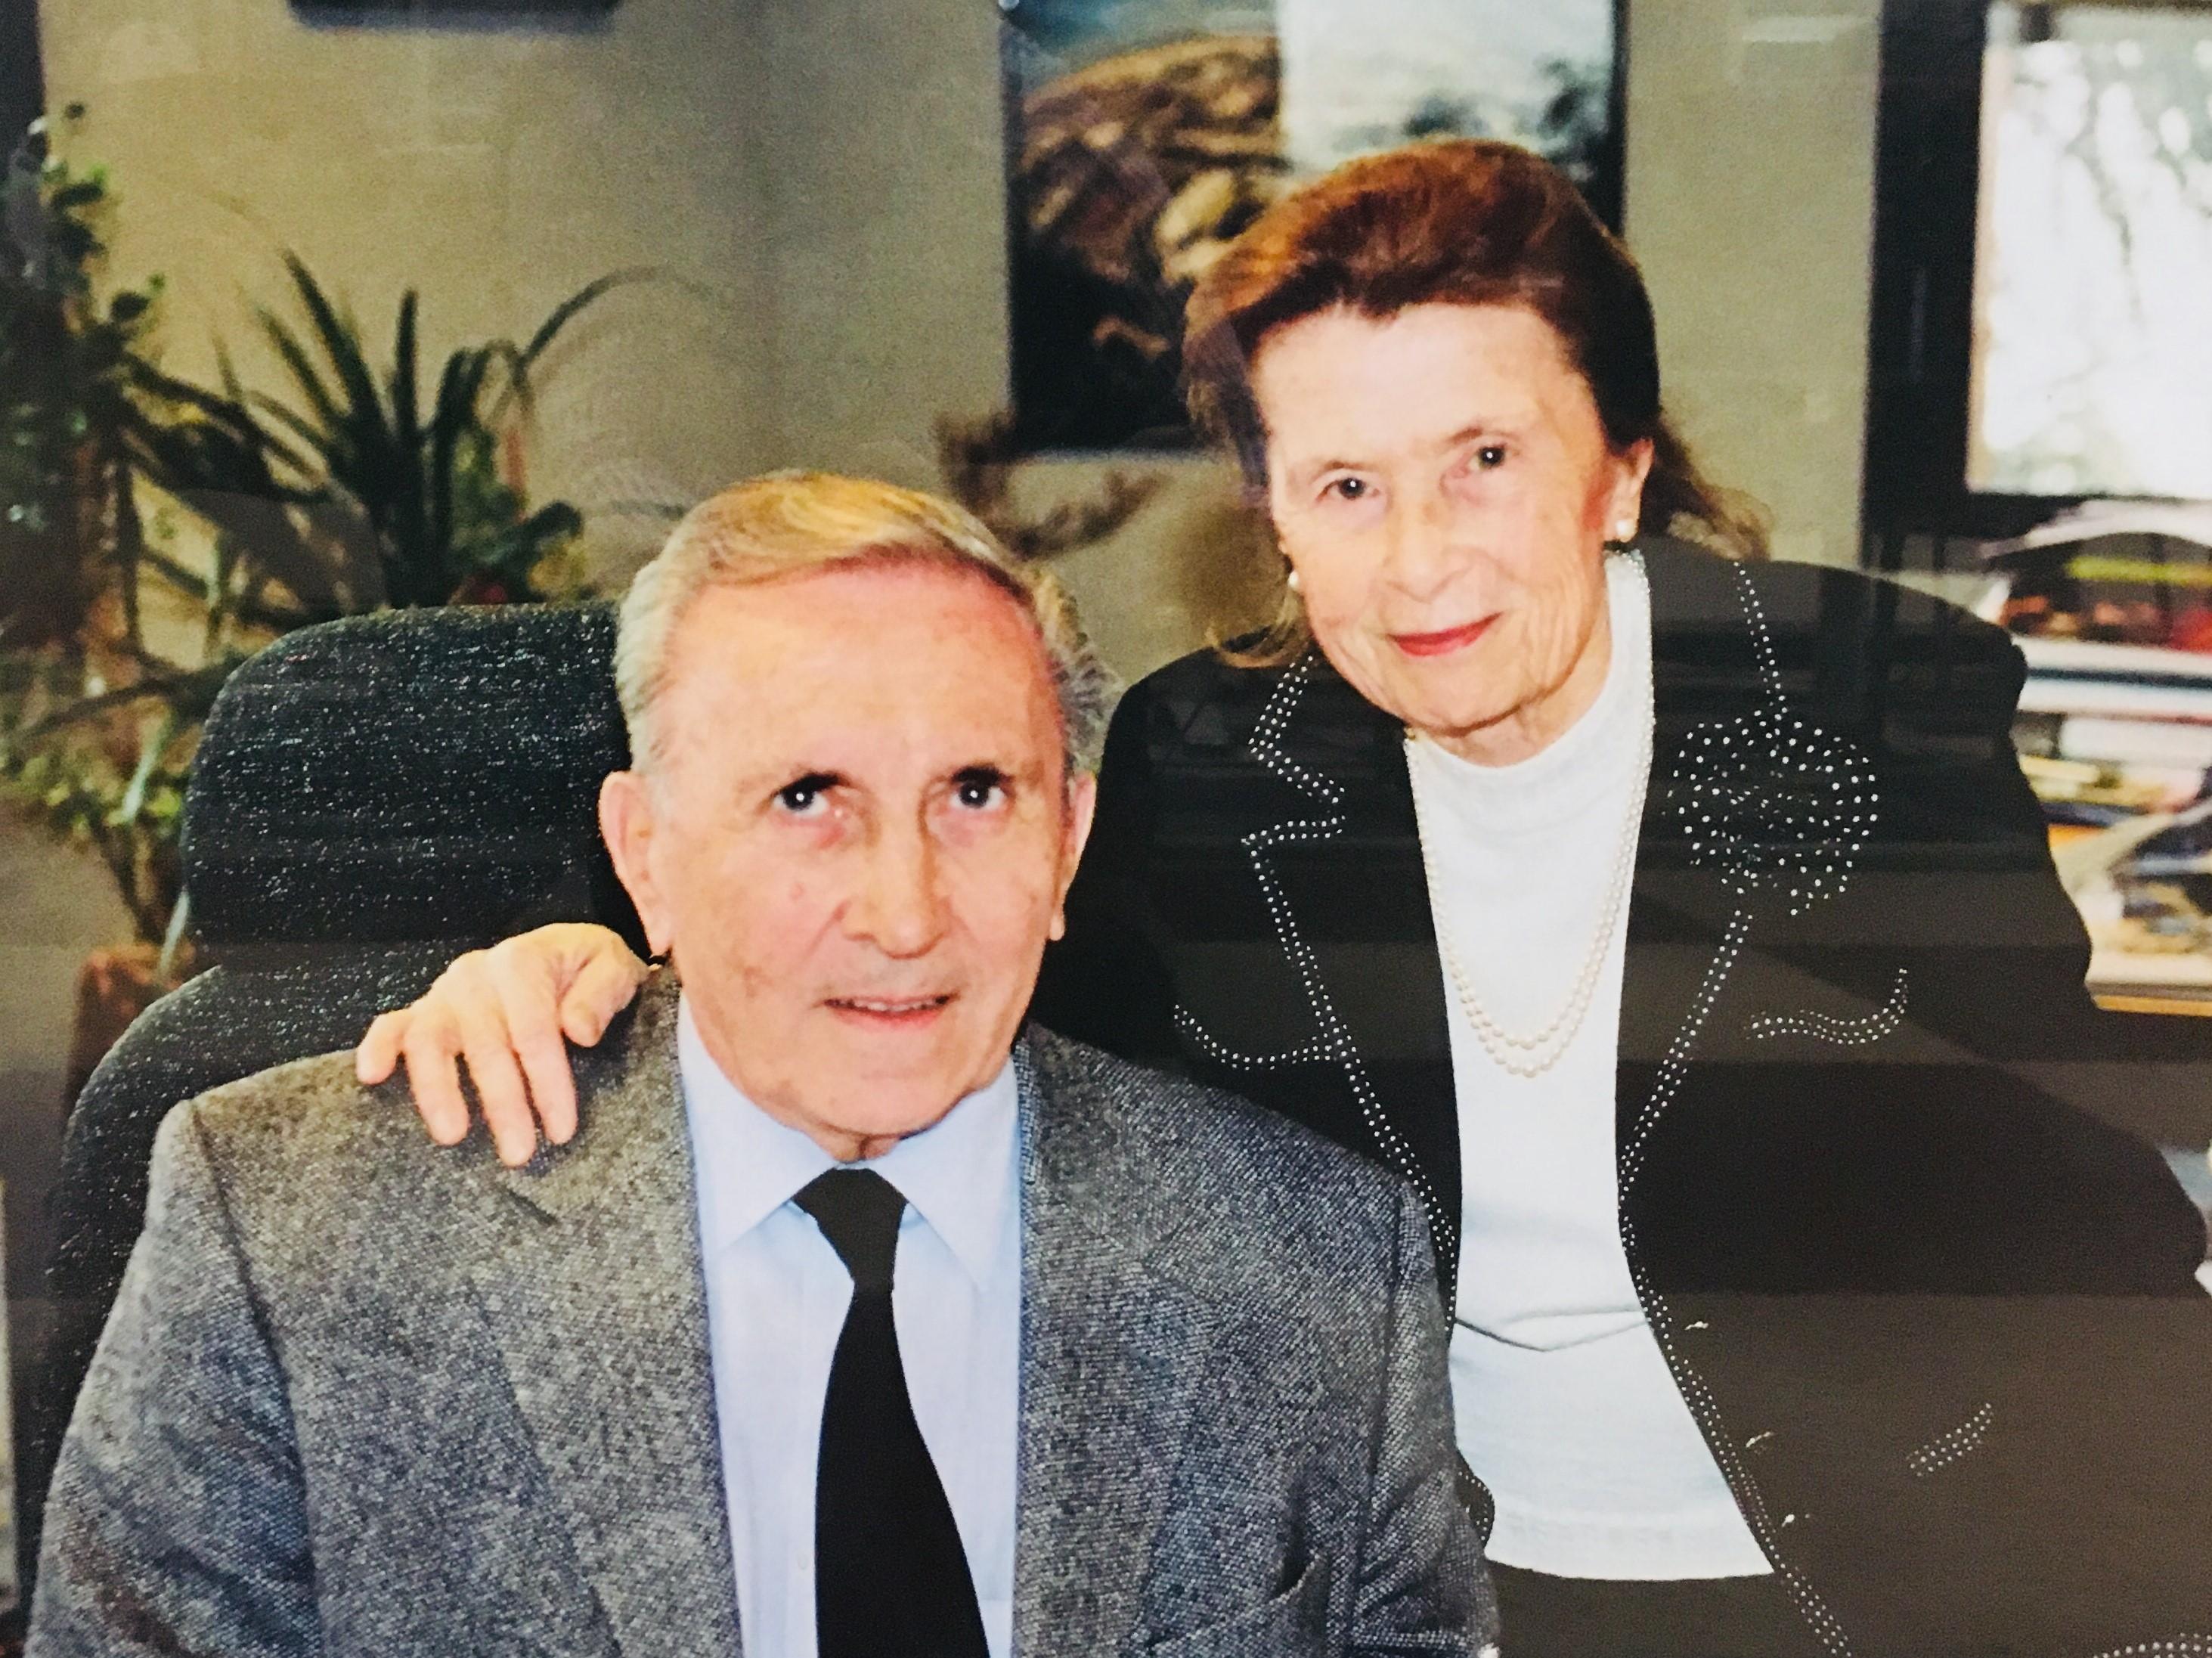 Hommage rendu à André Lerond, Président du Conseil d'Administration et ancien Directeur Général de PAREDES, Ancien capitaine de l'équipe de France de Football